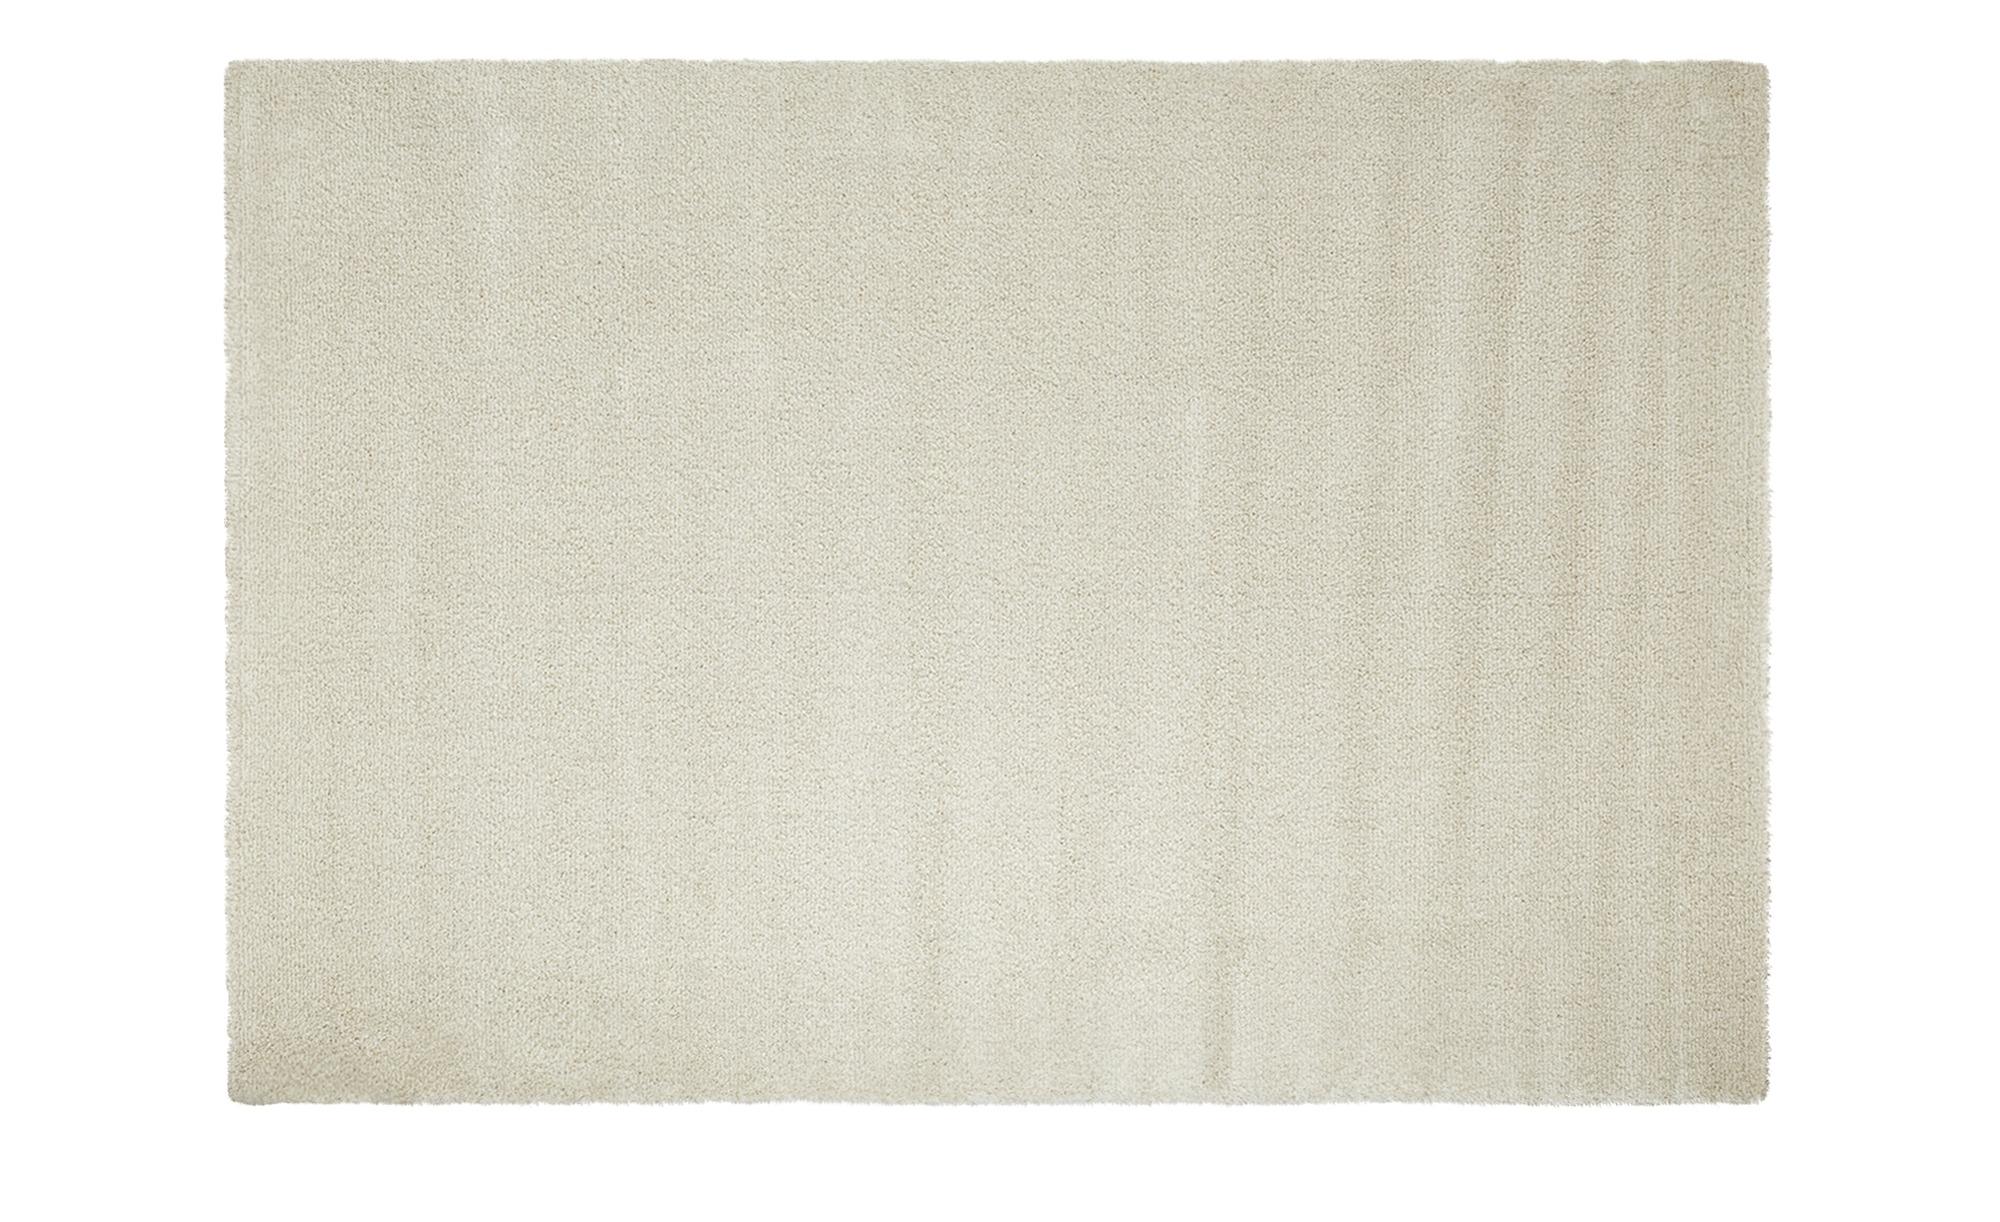 Hochflorteppich  Cavour ¦ Synthethische Fasern, 60% Polyester , 40% Polypropylen  ¦ Maße (cm): B: 120 Teppiche > Wohnteppiche > Hochflorteppiche - Höffner